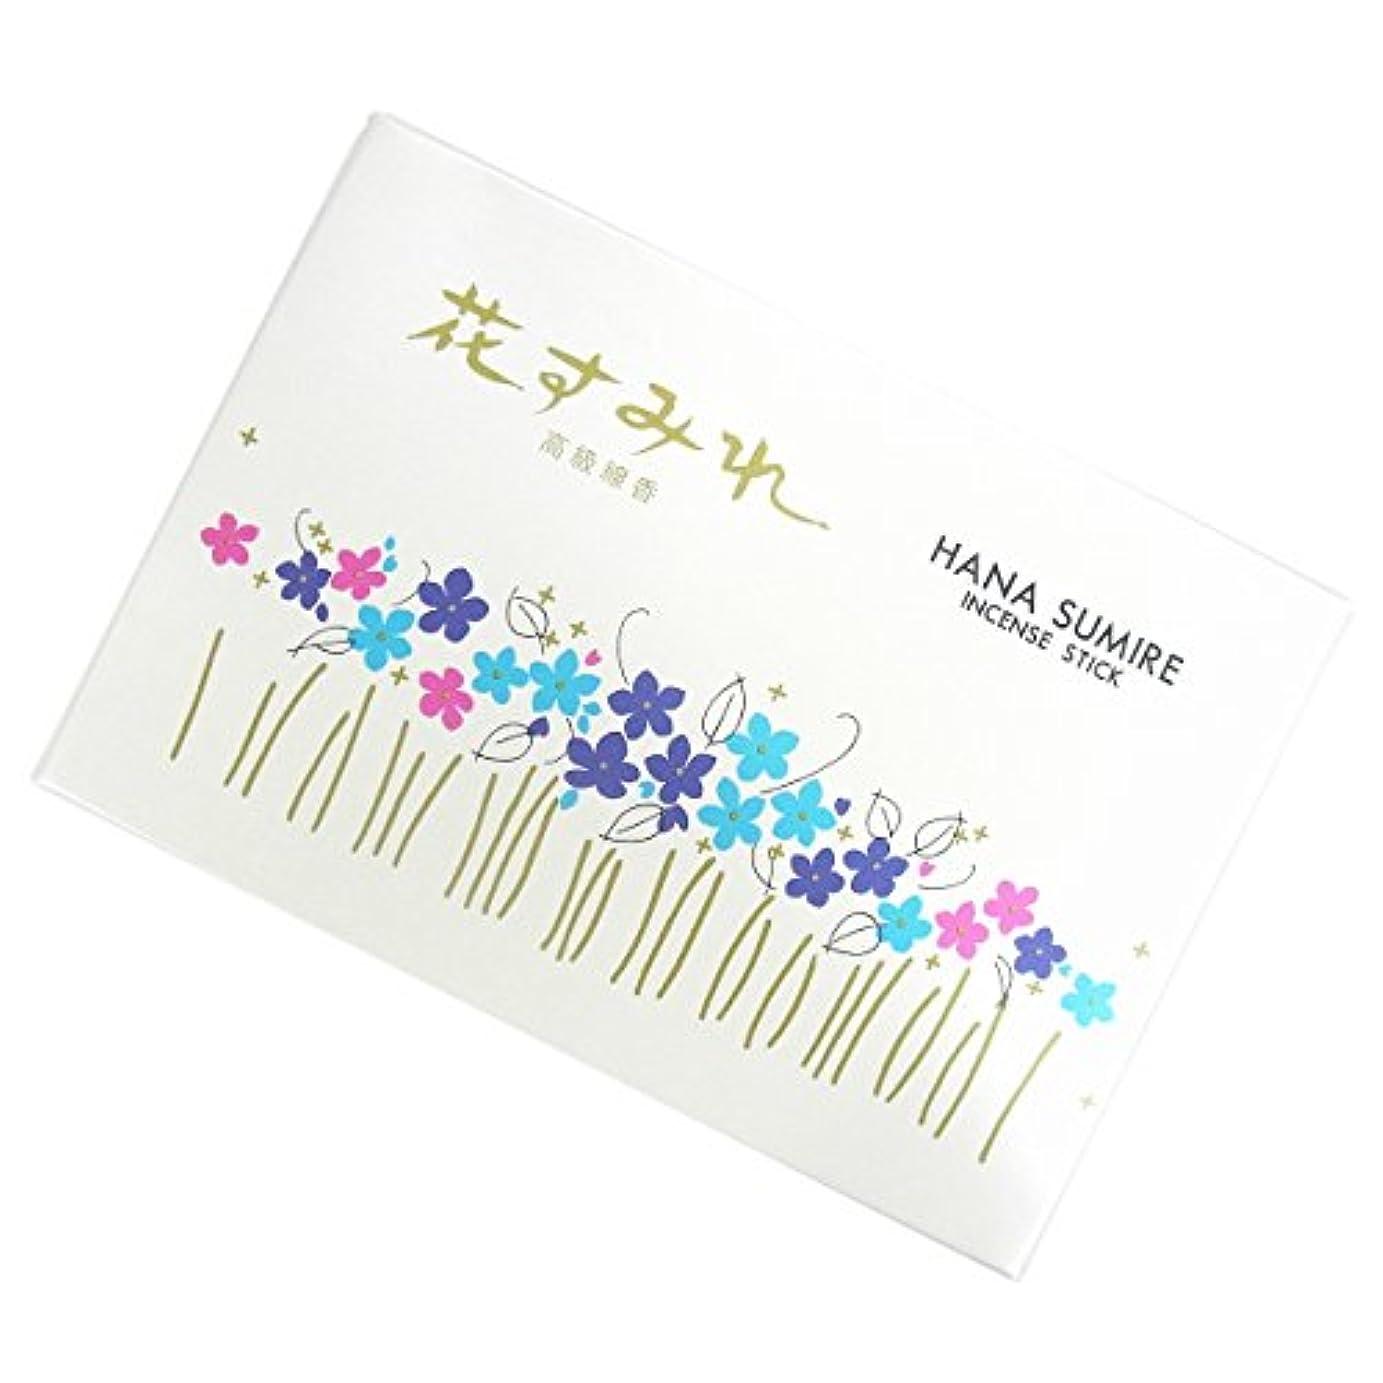 決済とんでもない課税玉初堂のお線香 花すみれ 大バラ #6671